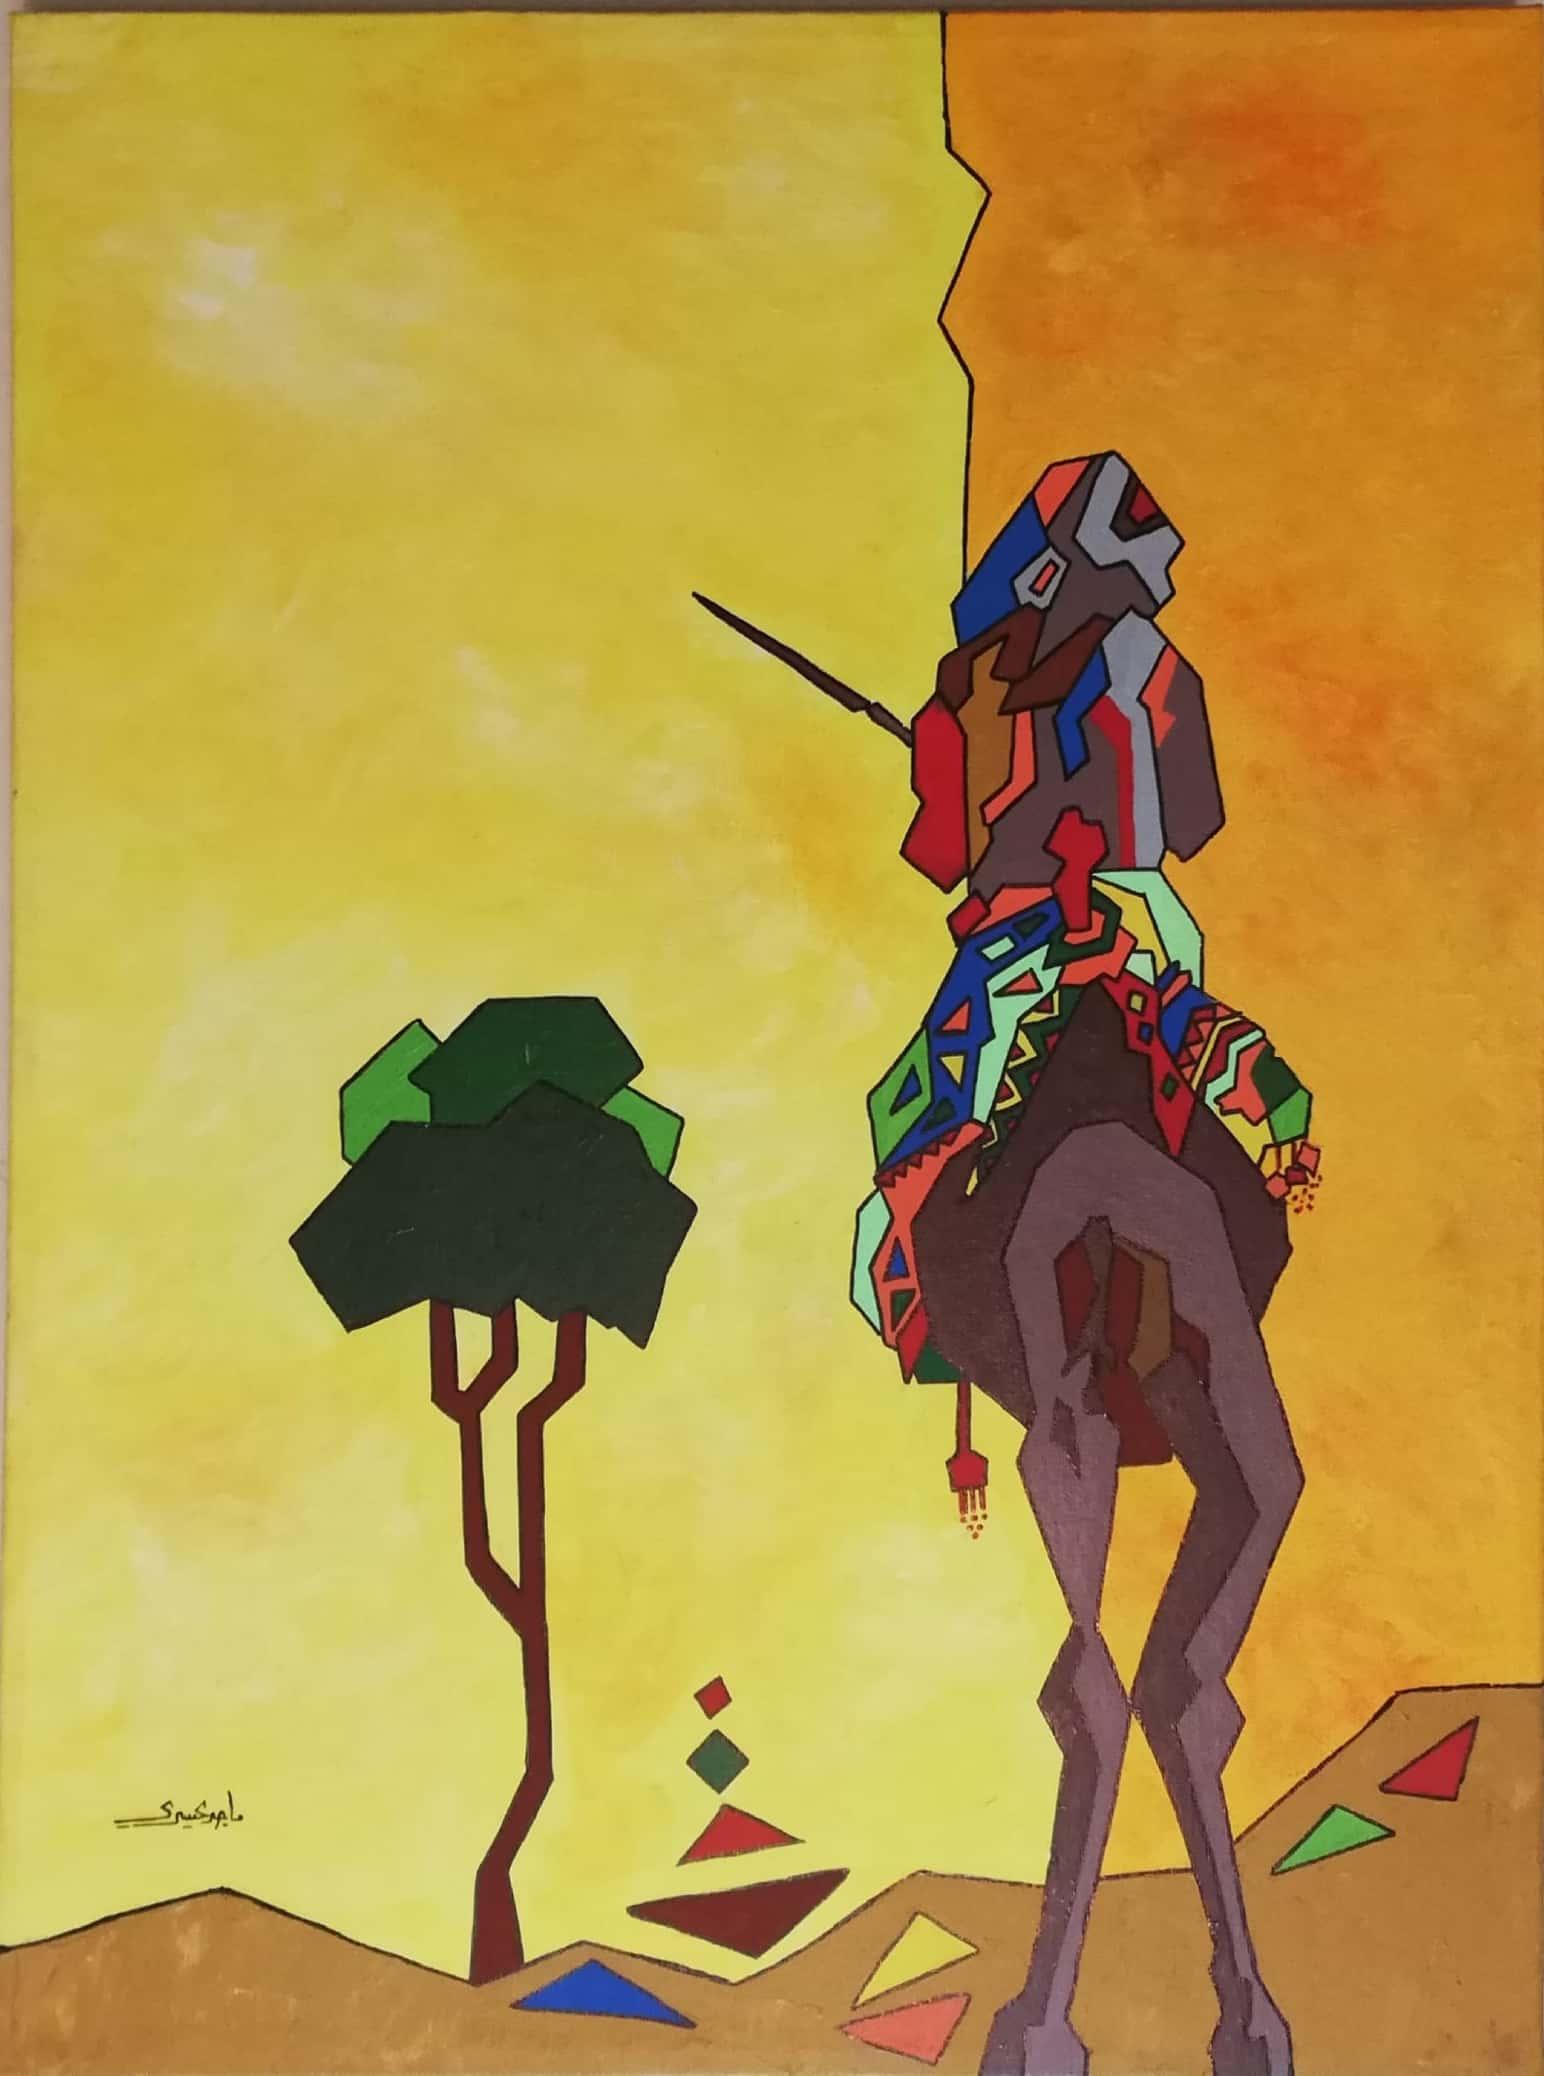 ماجد العسیری کا ایک منفرد فن پارہ